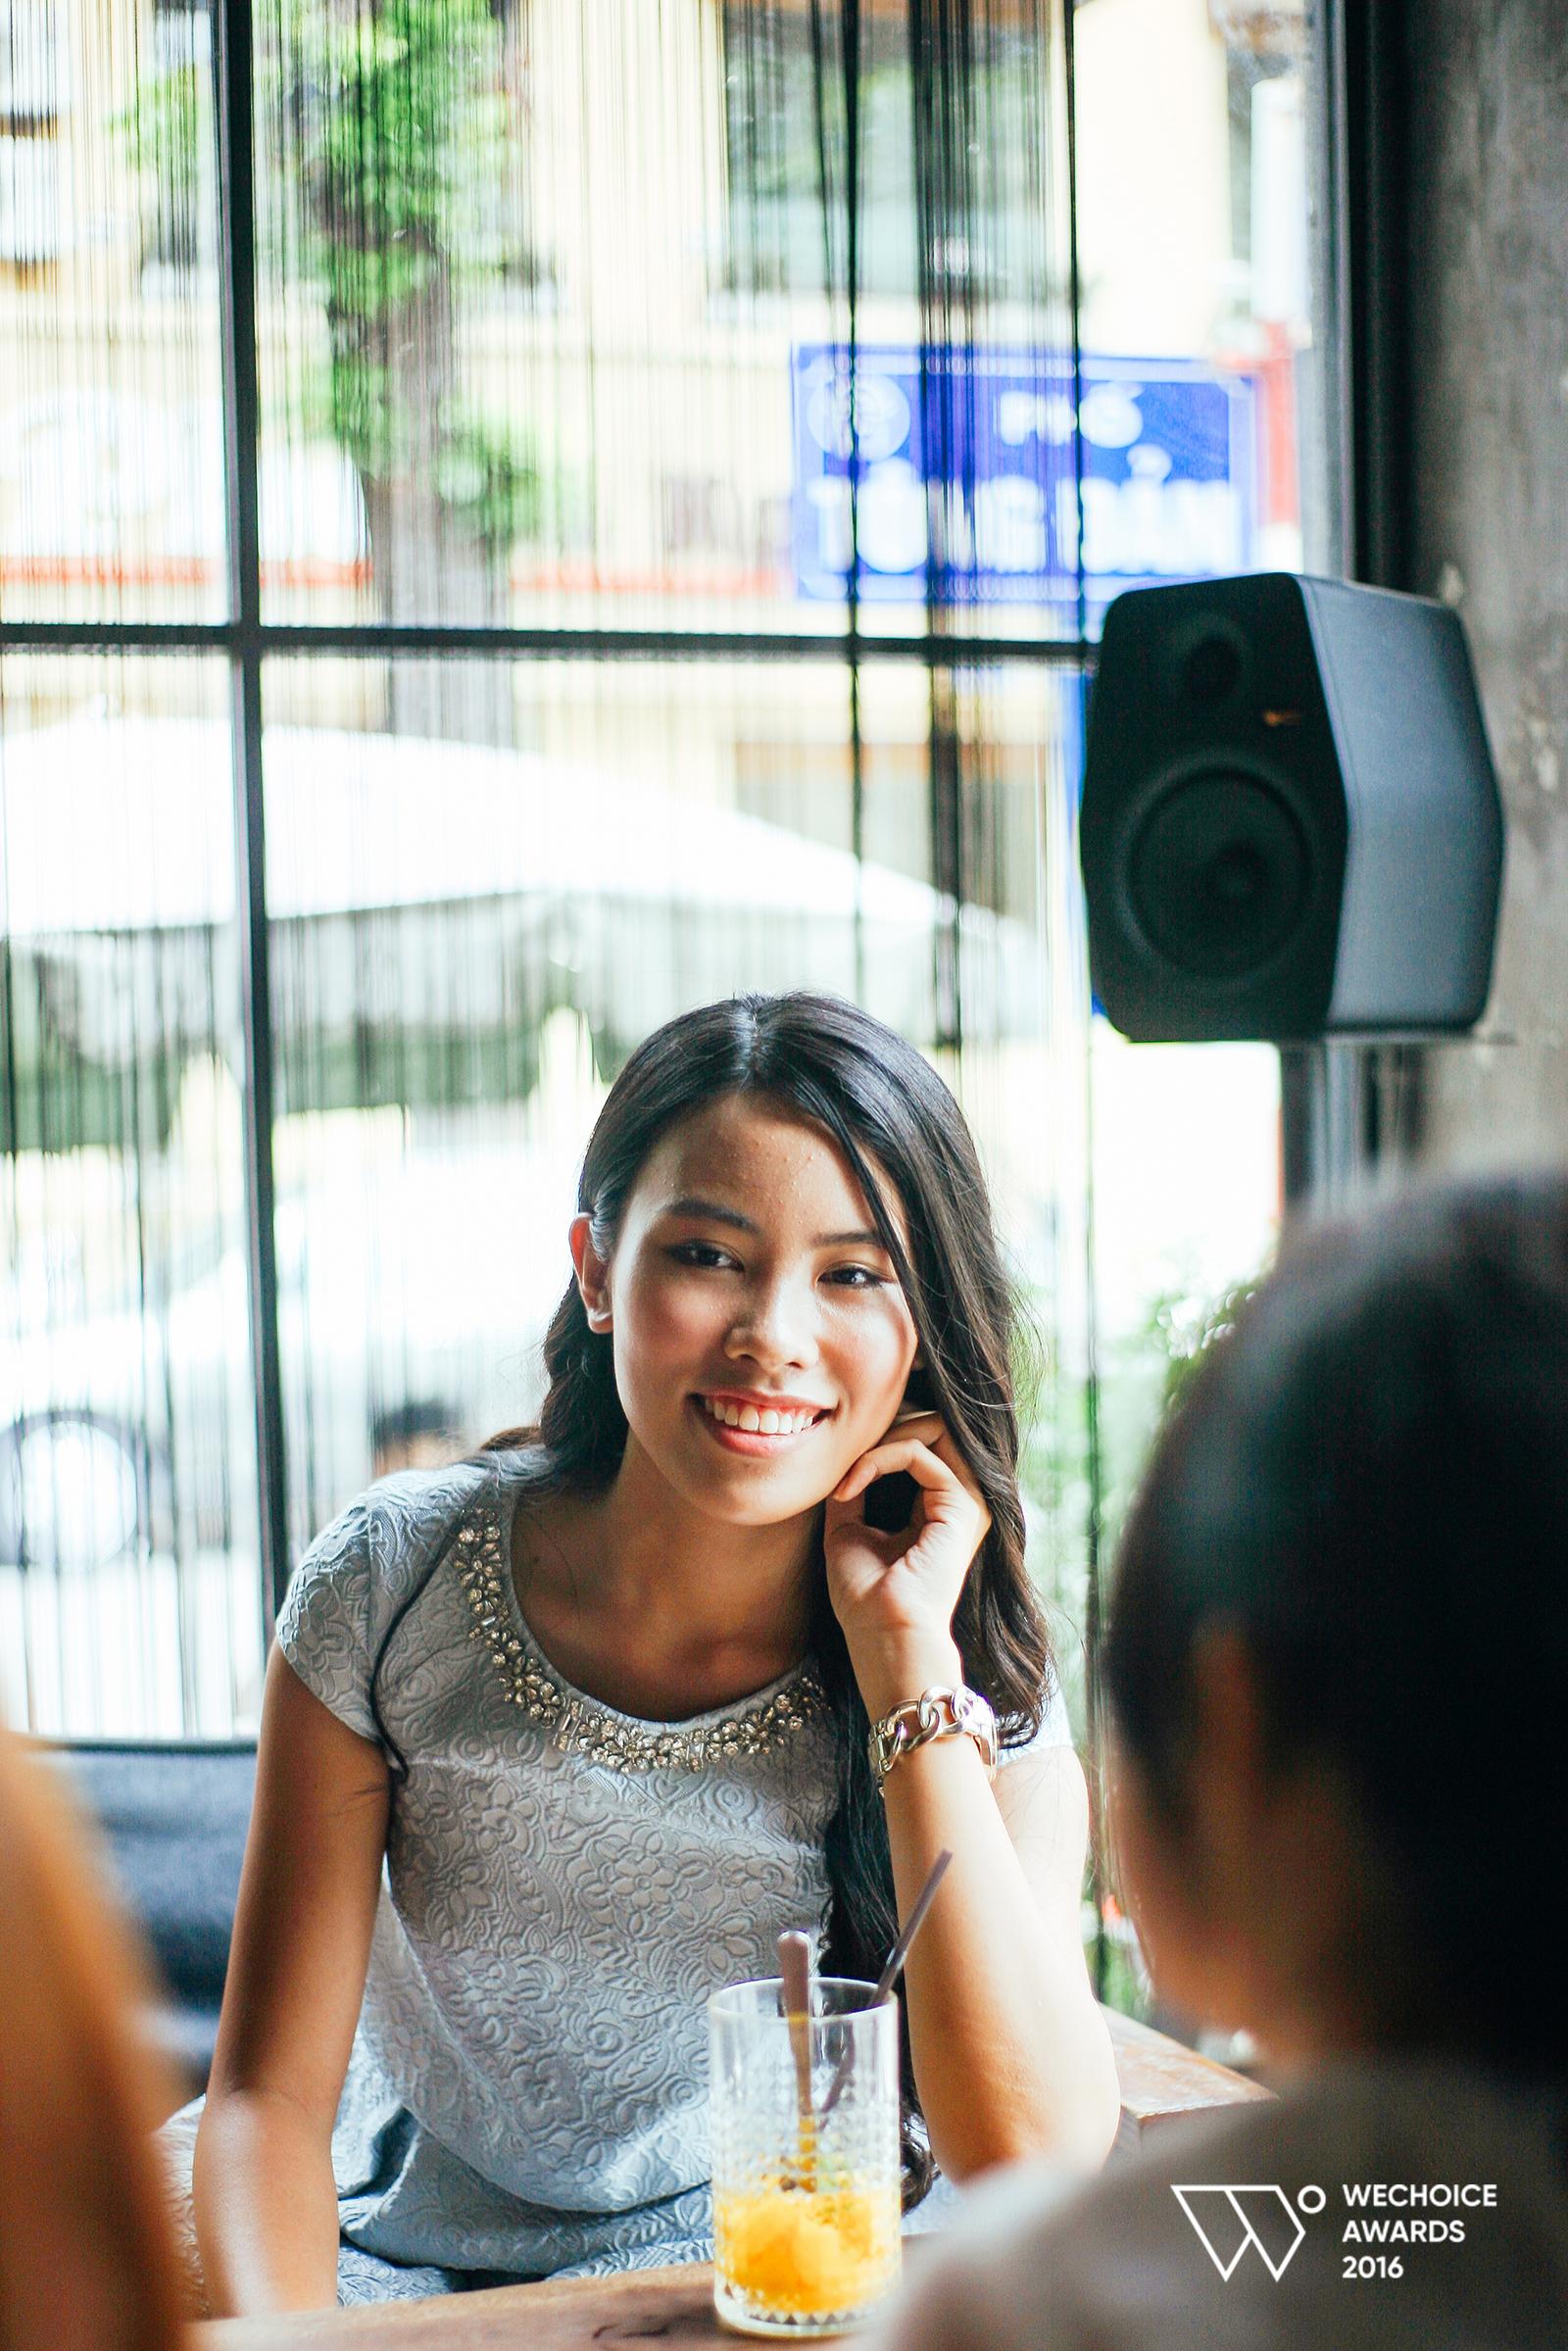 Nữ sinh 17 tuổi mang hội thảo Mô phỏng Liên Hợp Quốc về cho các bạn trẻ Việt Nam - Ảnh 6.